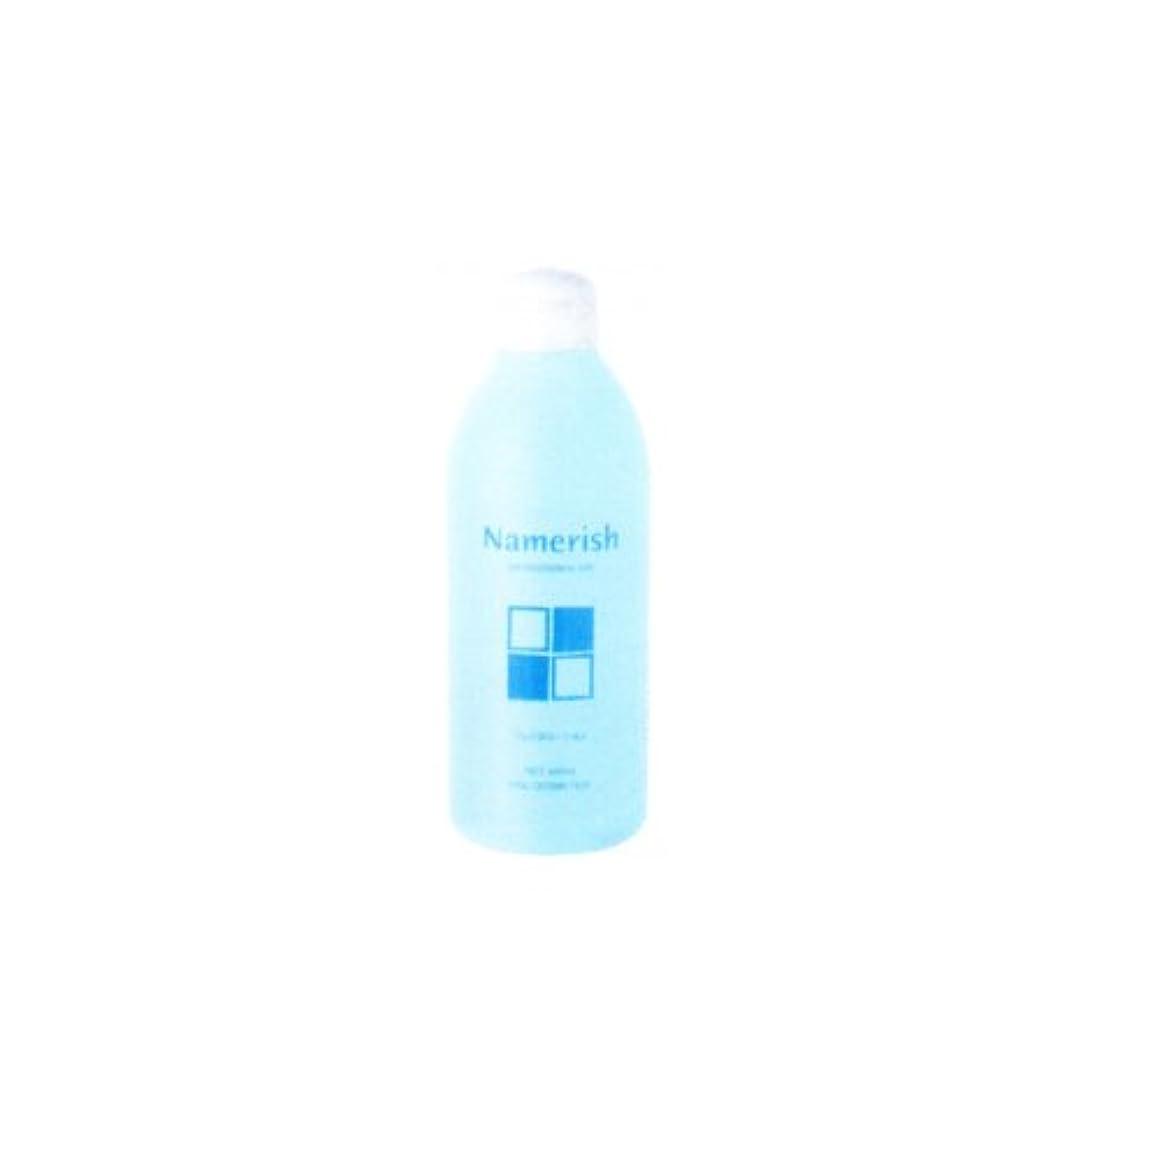 ヒゲクジラビリーゾーンファイン ナメリッシュ(収れん性化粧水)